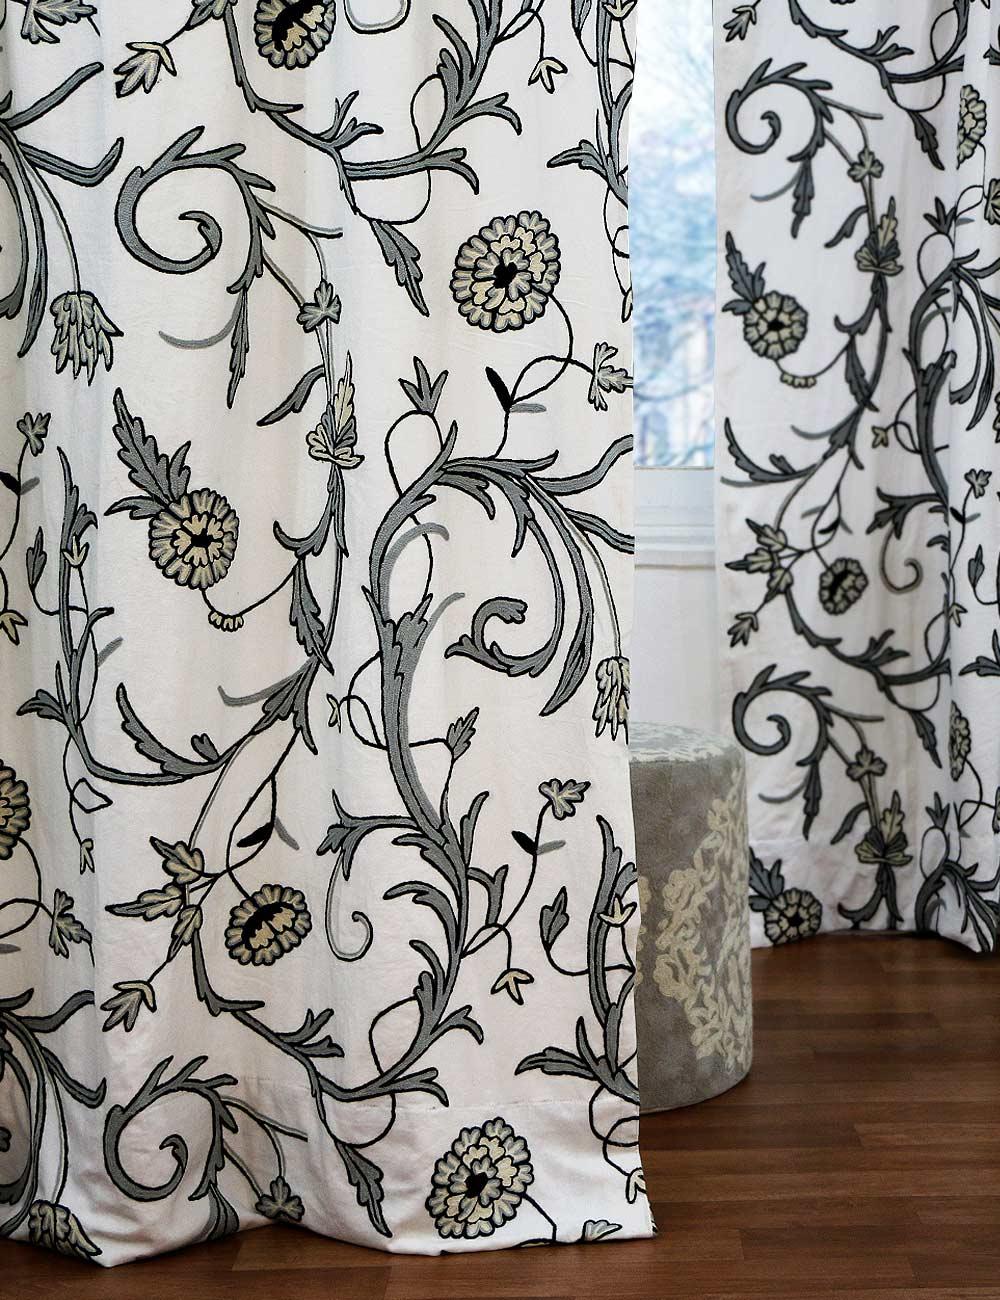 Manasbal handmade crewel curtain panel wool embroidered